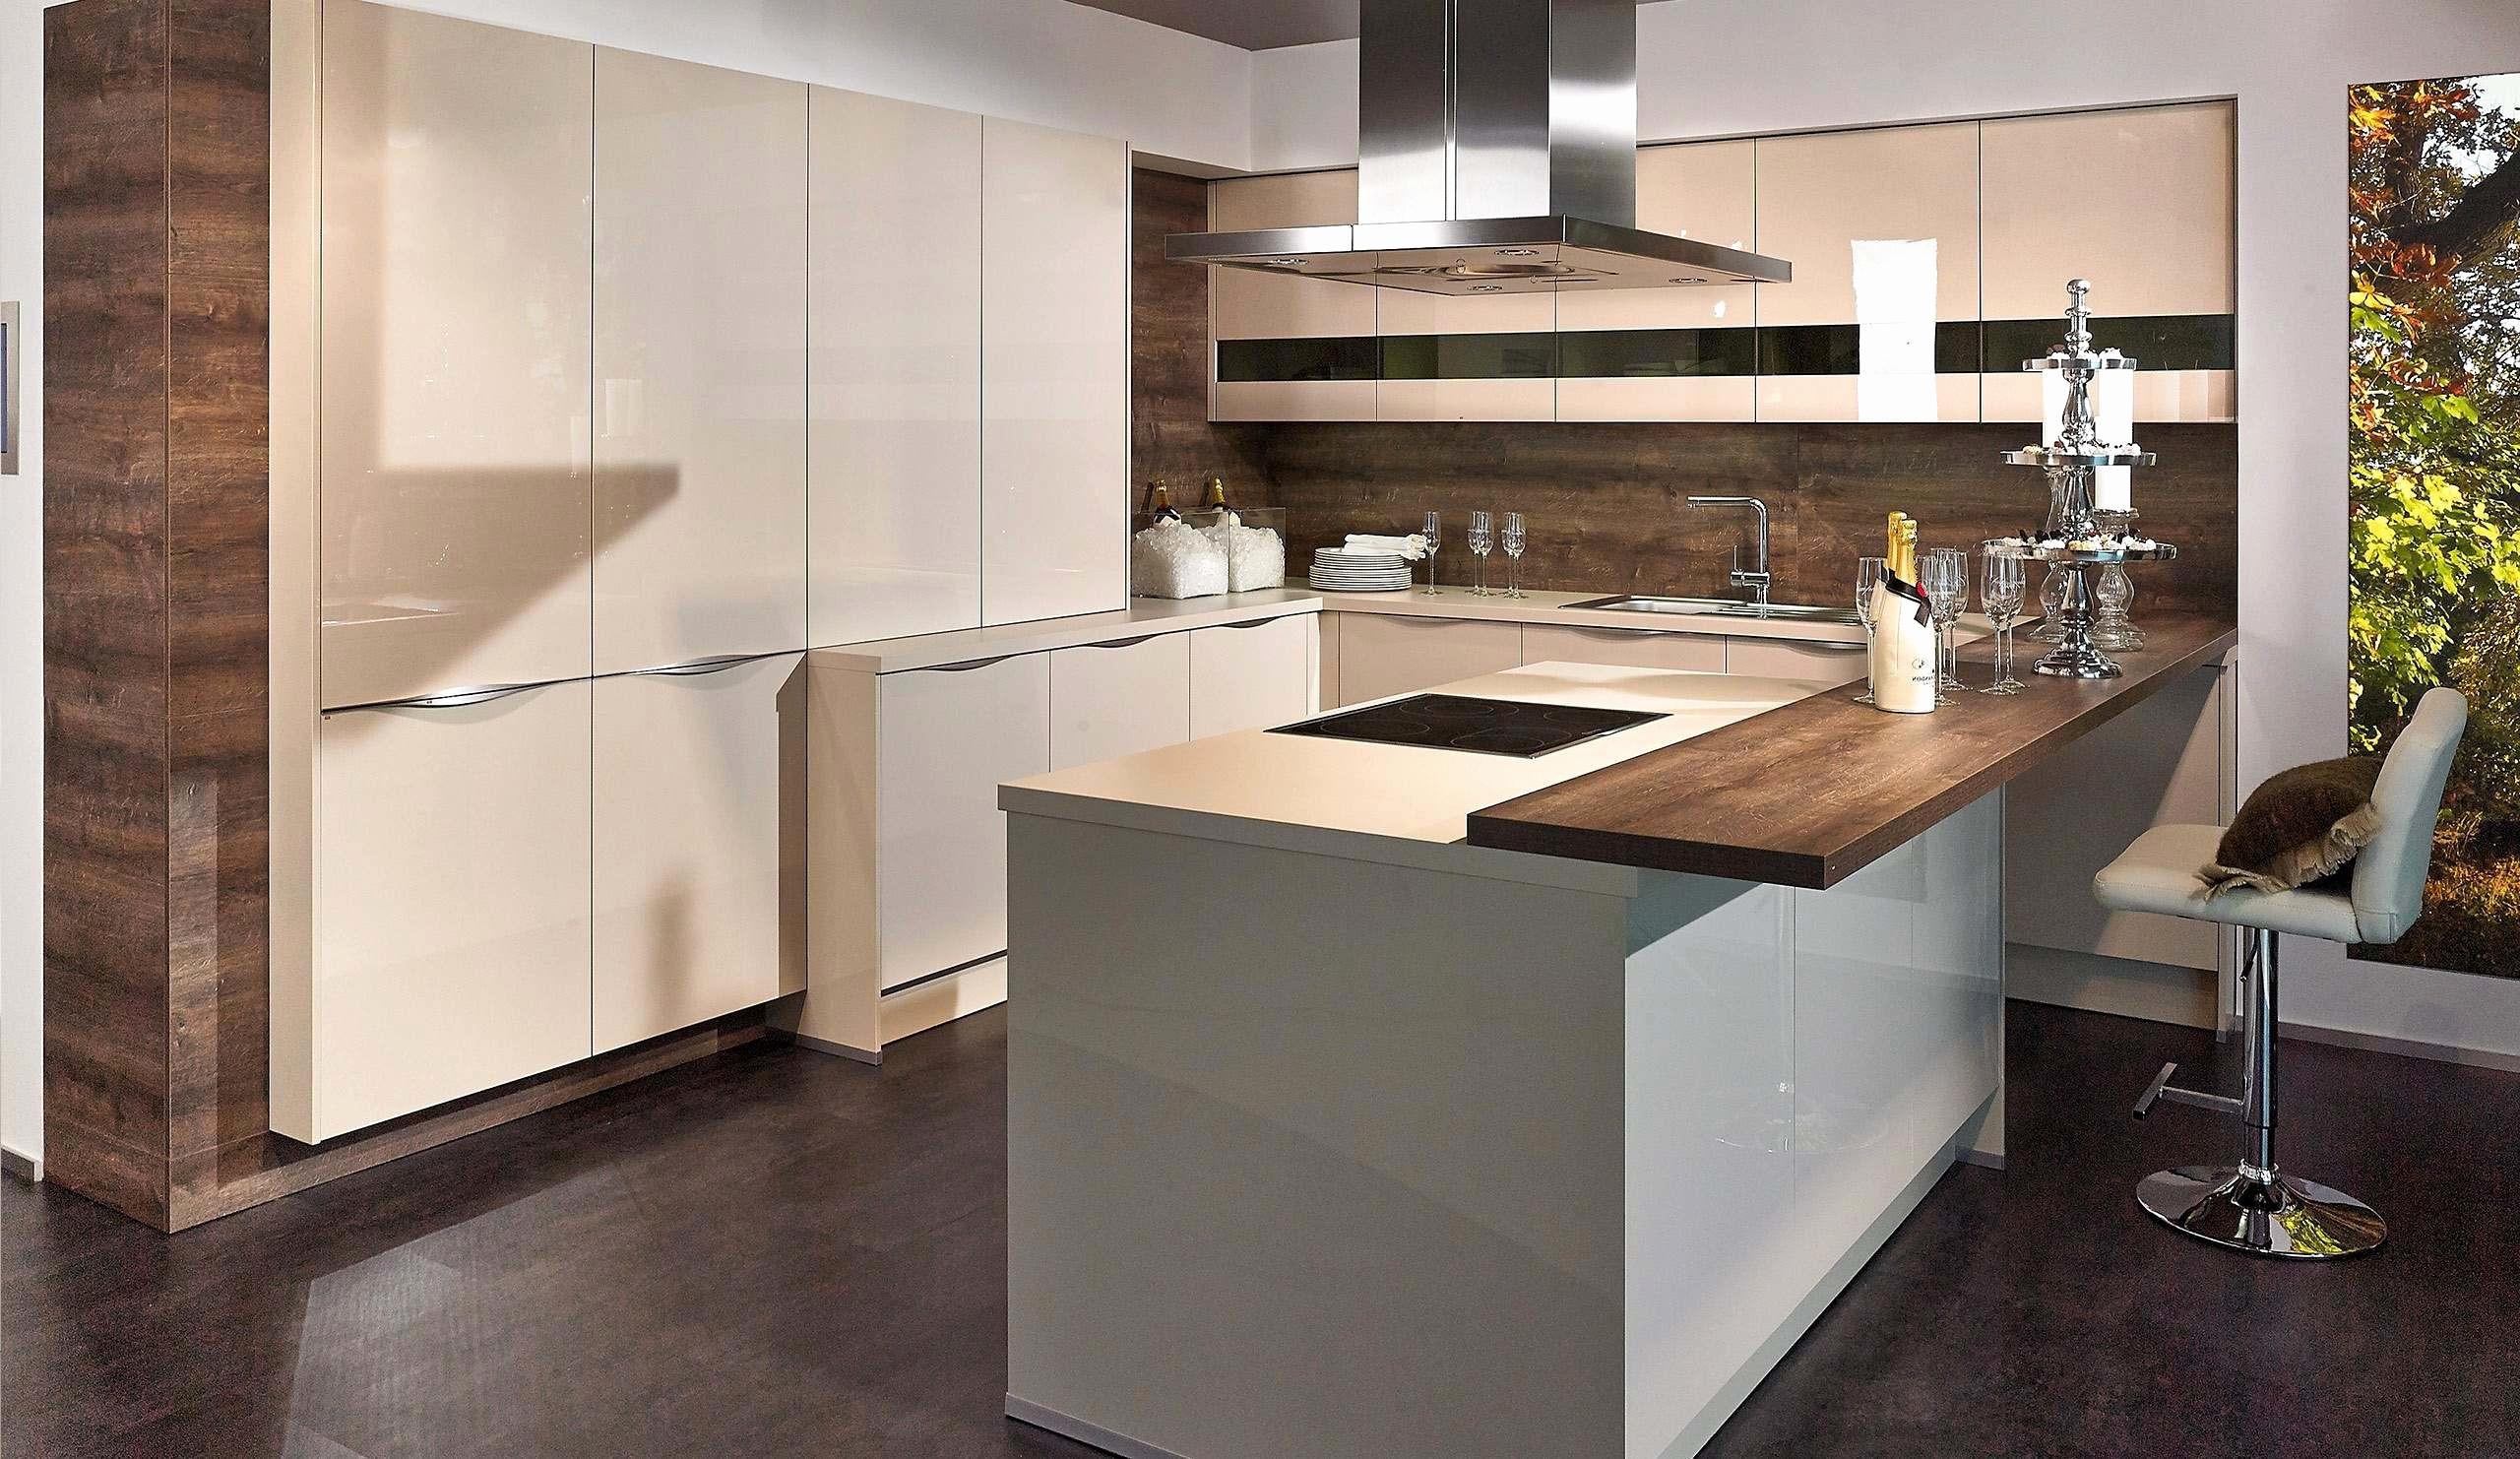 Full Size of Tapeten Ideen Kuchen Modern Schlafzimmer Bad Renovieren Für Die Küche Fototapeten Wohnzimmer Wohnzimmer Tapeten Ideen